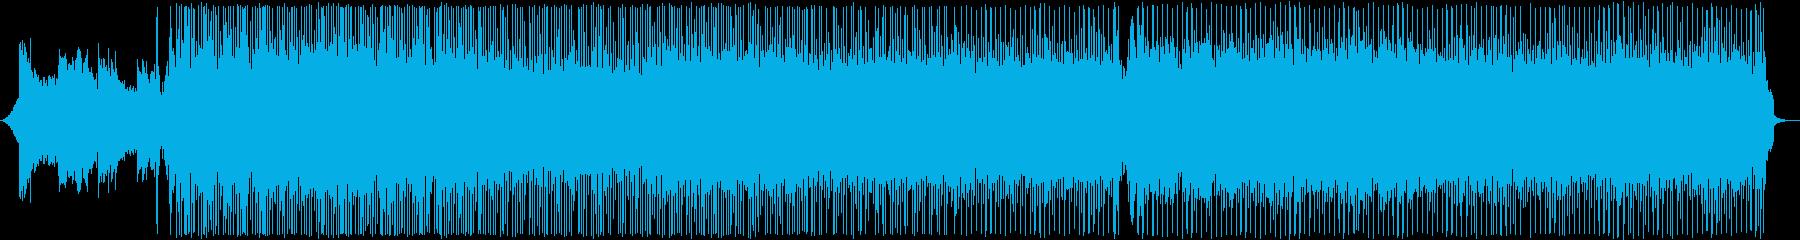 和楽器の激しいロックの再生済みの波形